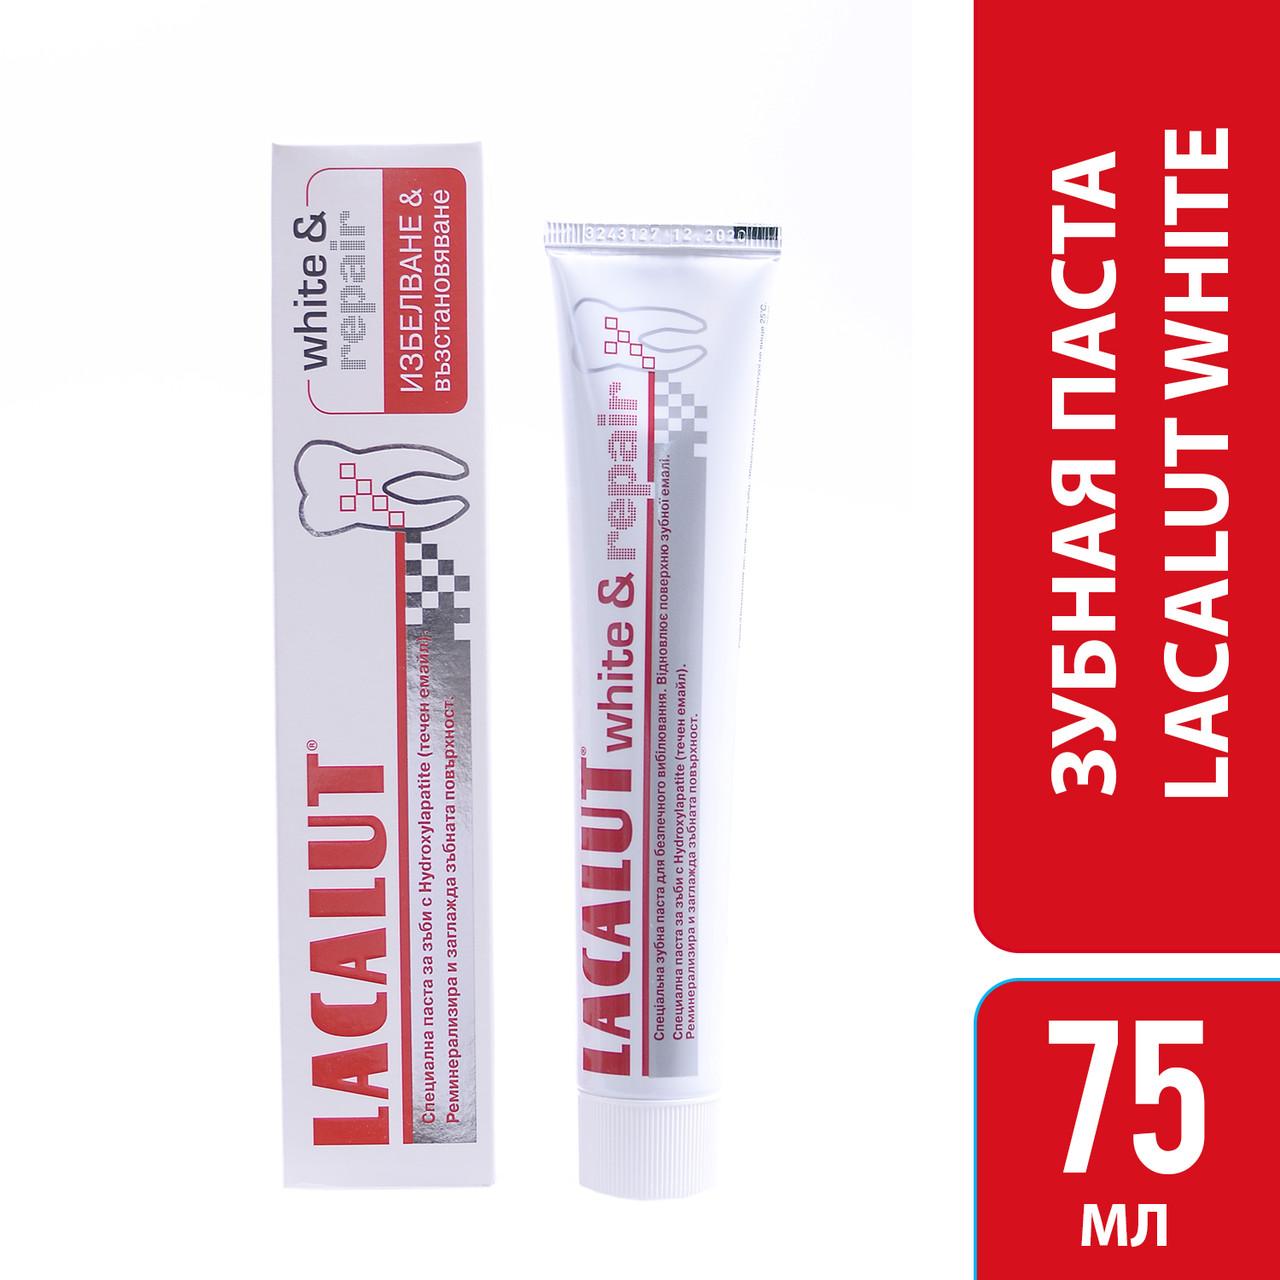 Лакалут вайт & відновлення зубна паста 75 мл, 1 шт.